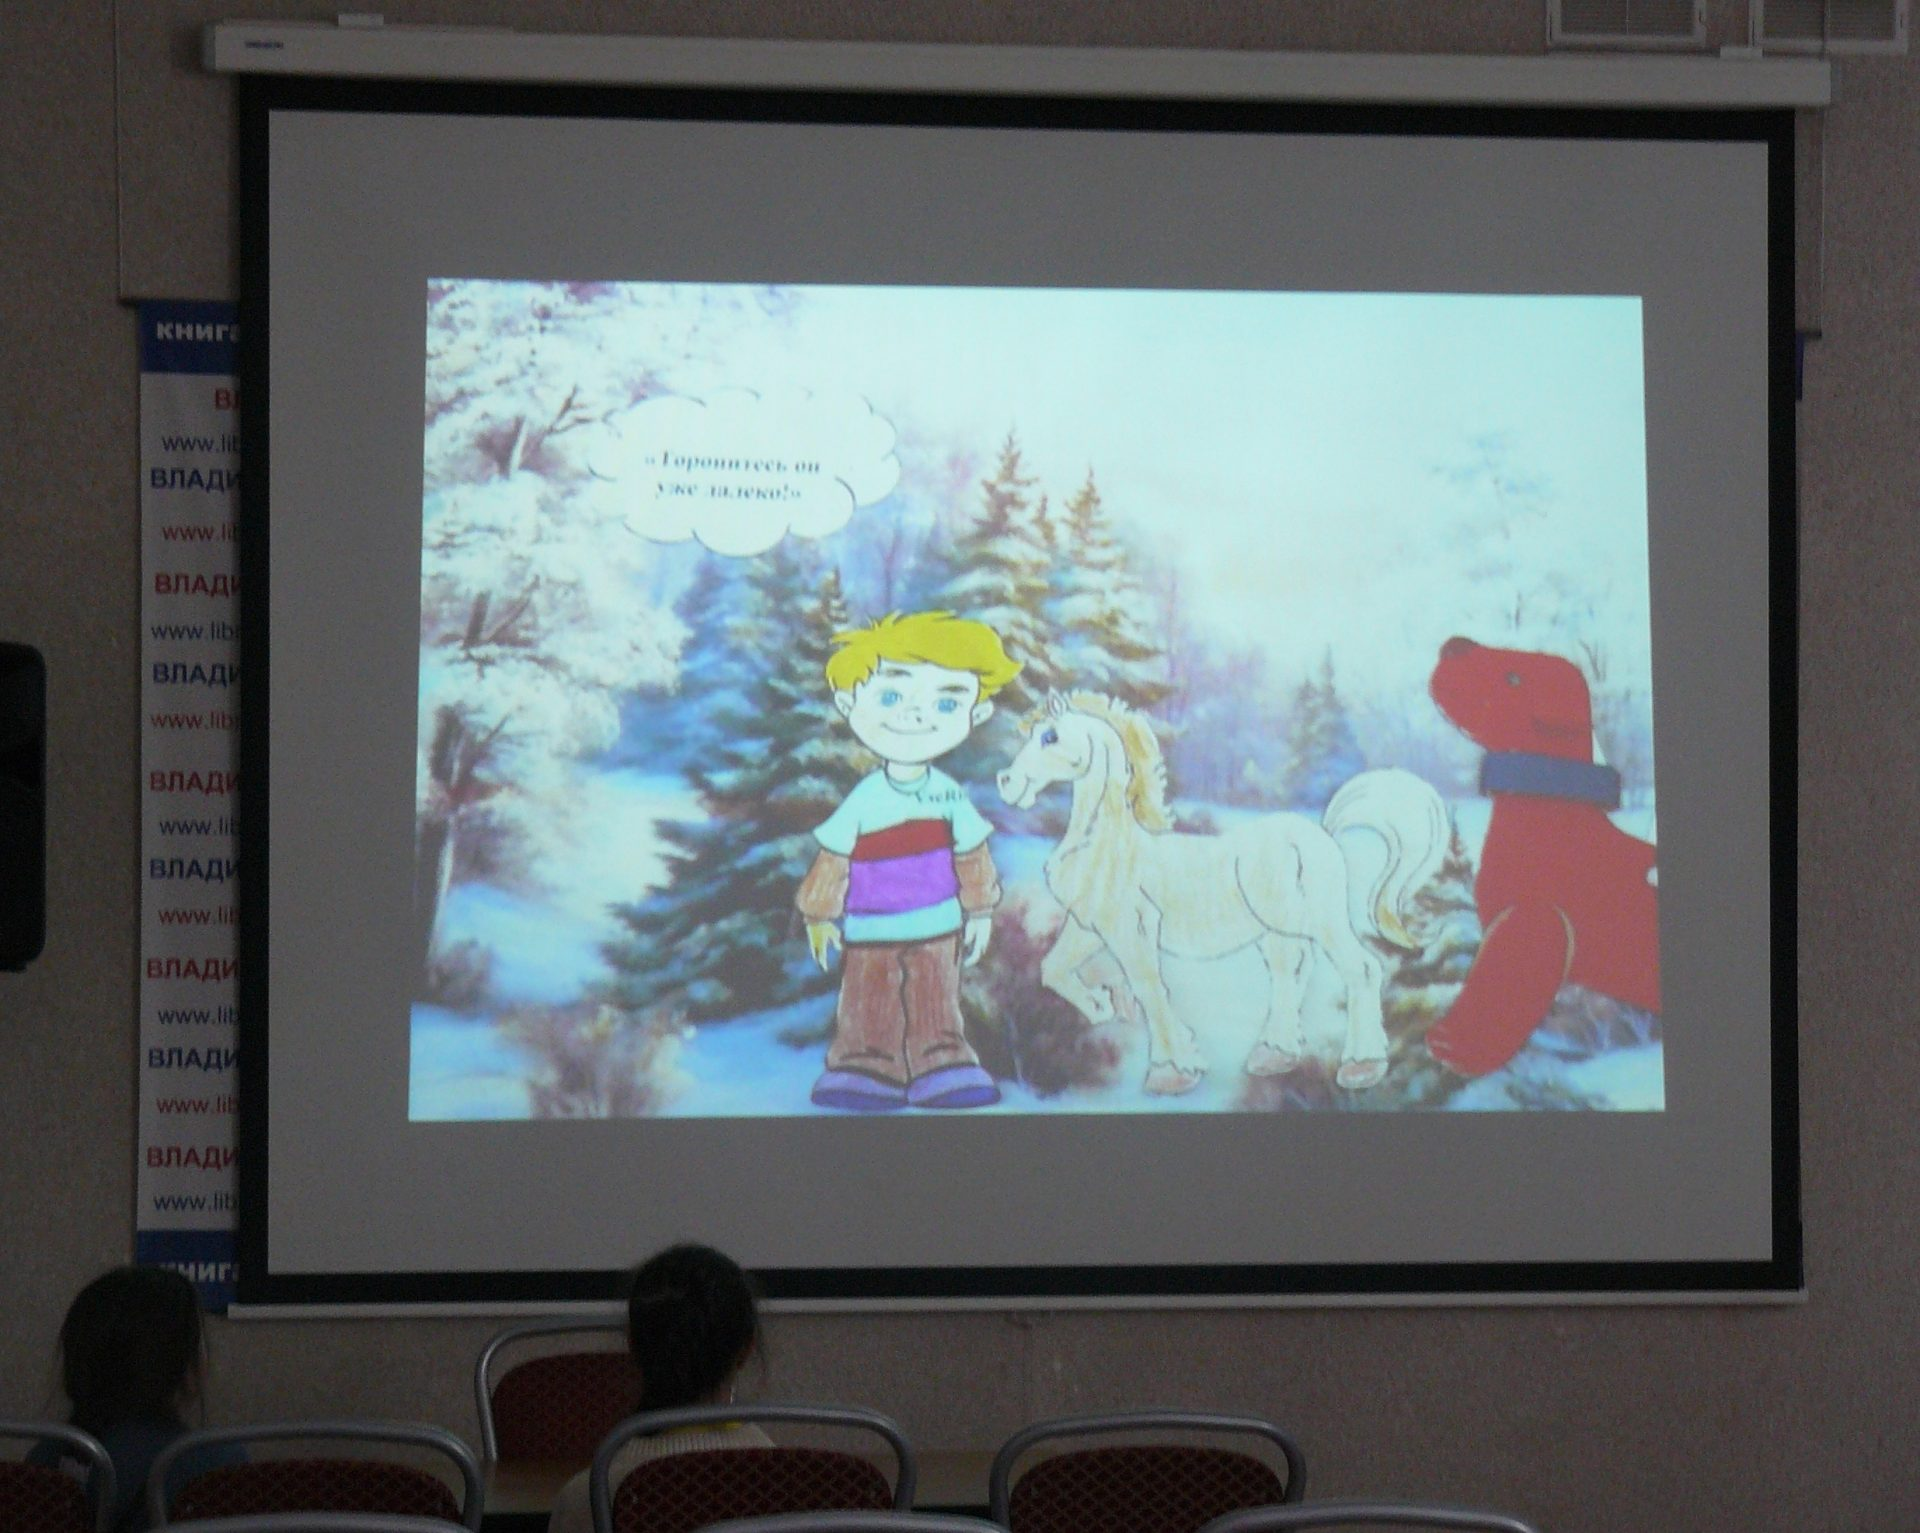 Участники студии просматривают свой мультфильм